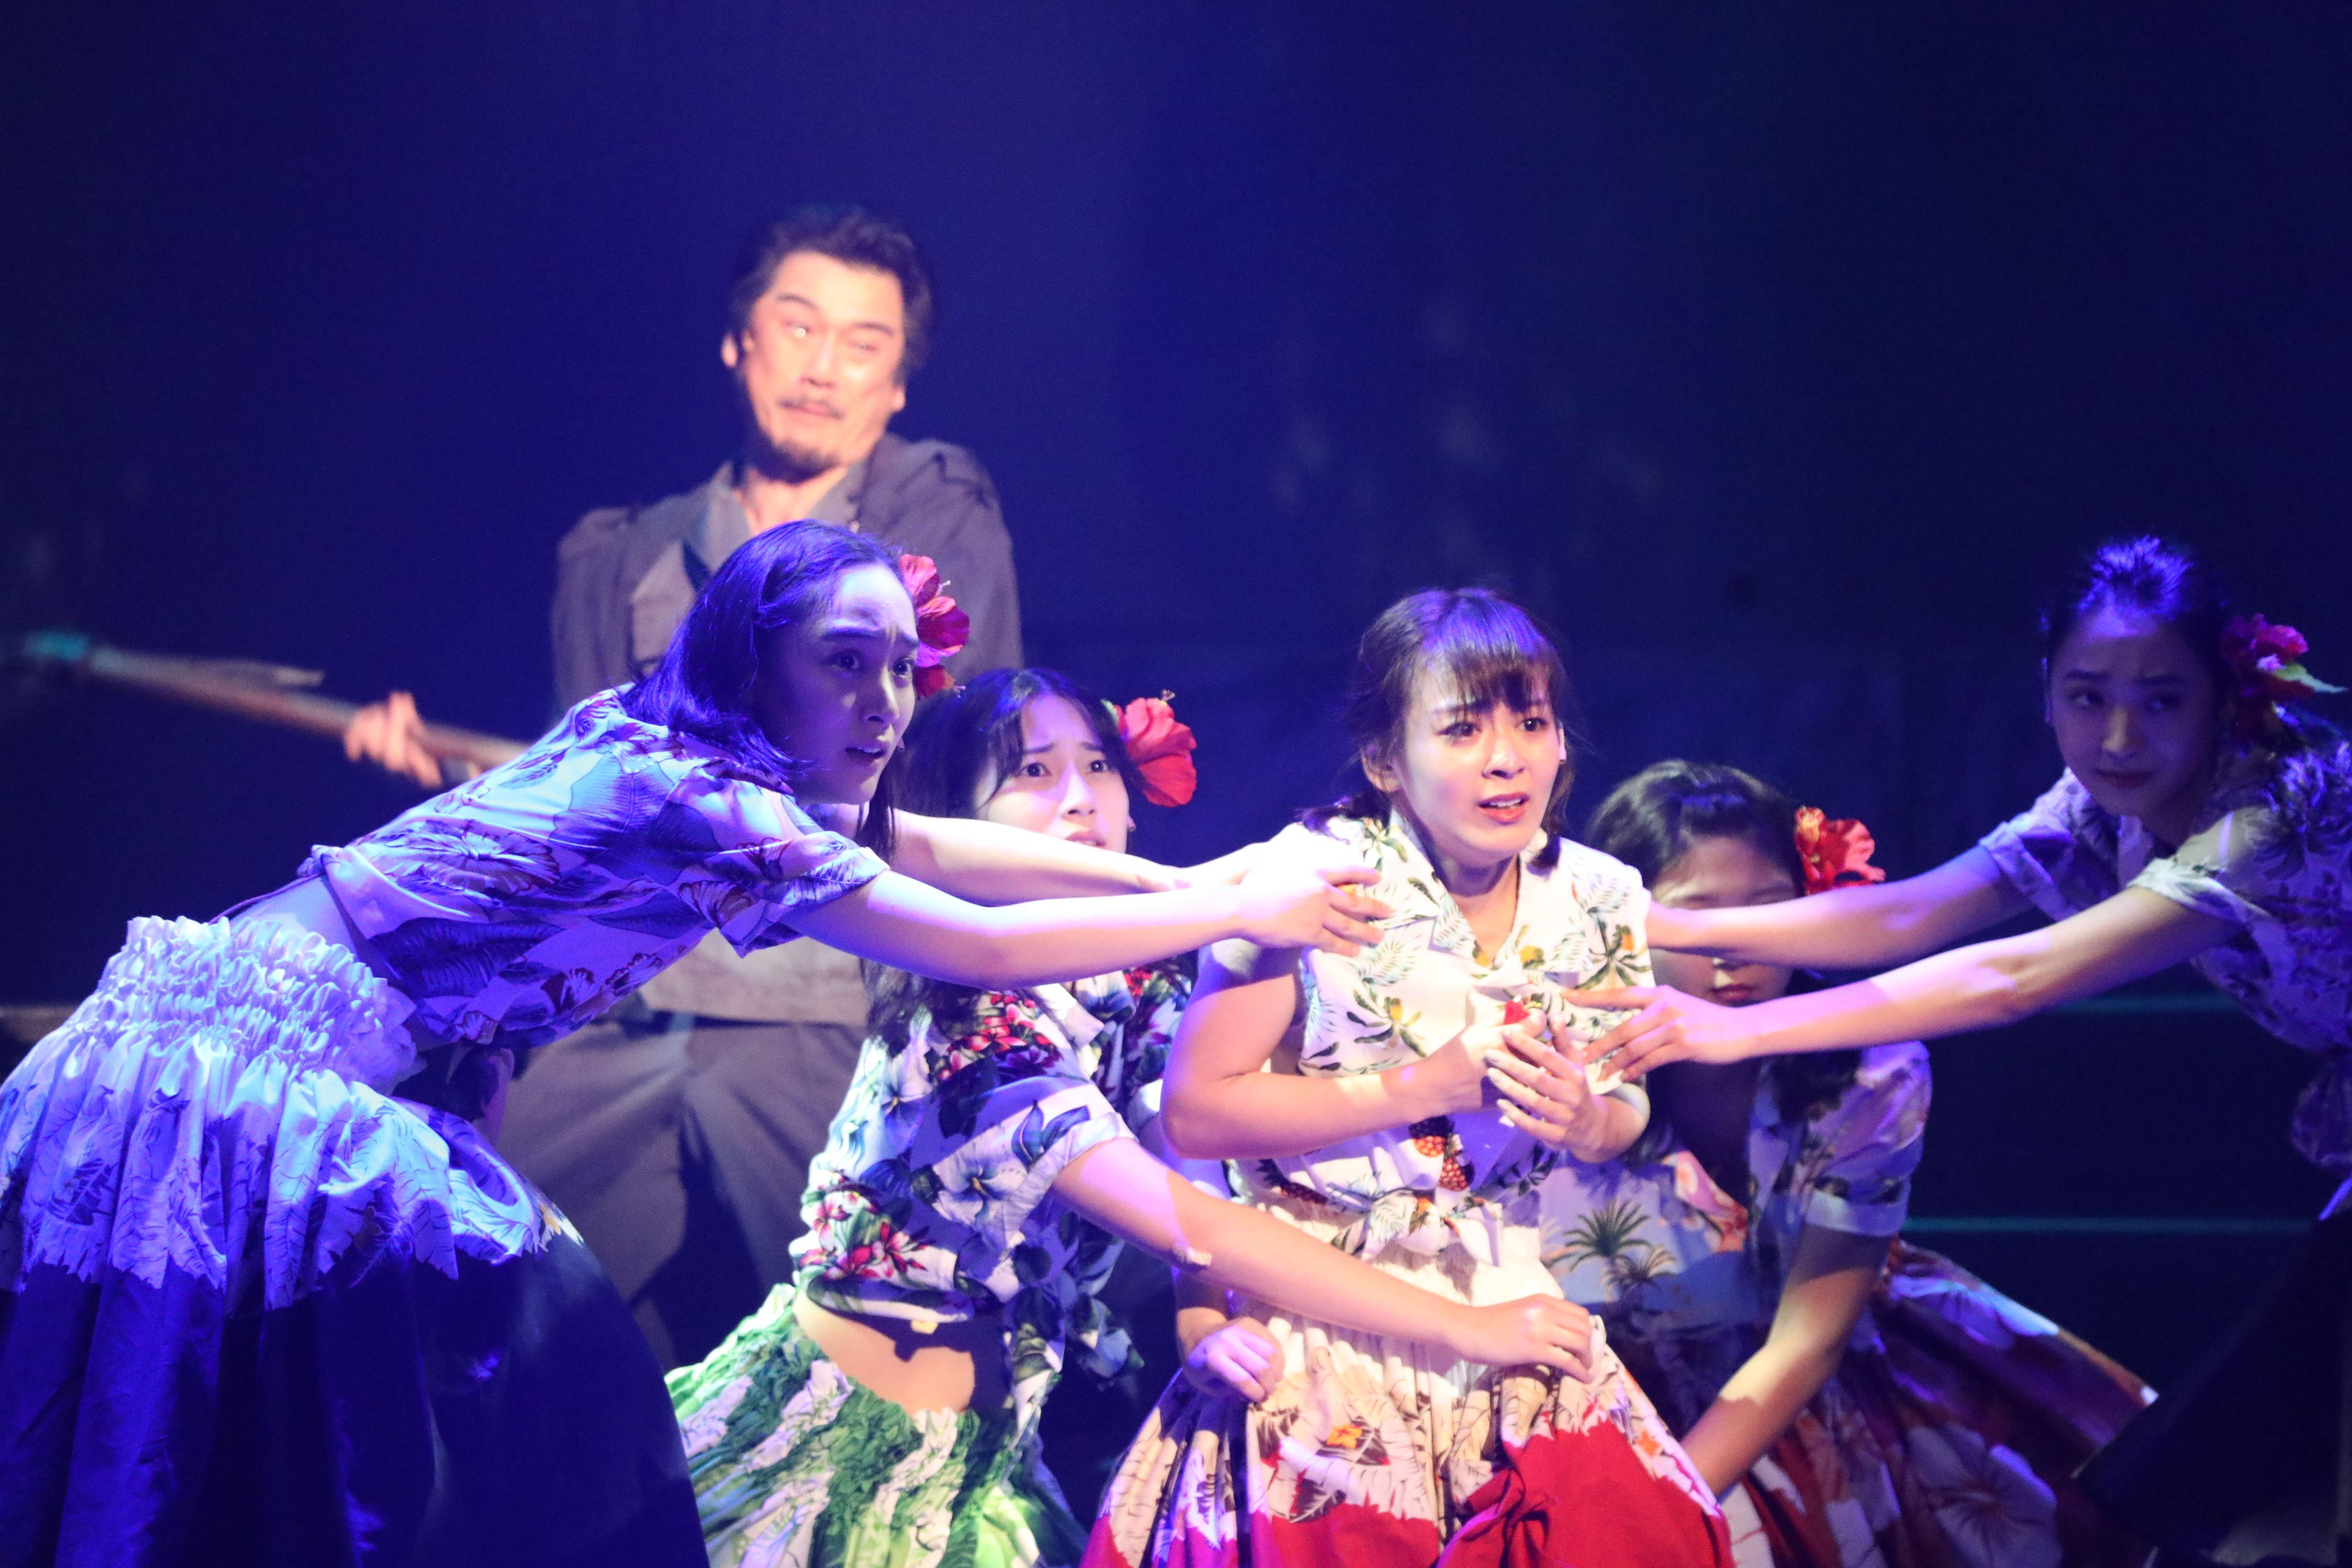 舞台「フラガール」で早苗を演じる太田奈緒(中央)